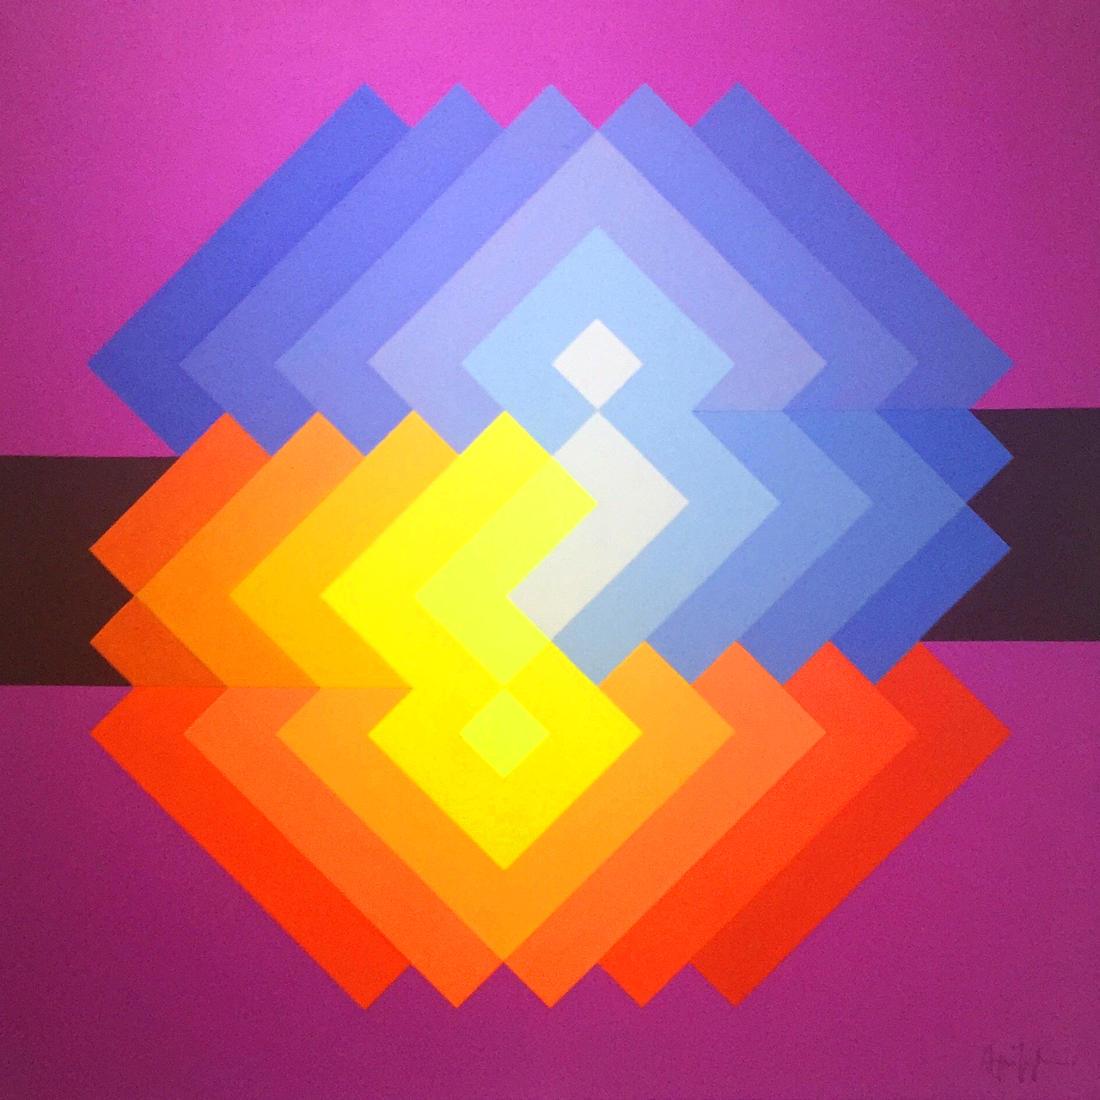 Untitled - Mario Agrifoglio